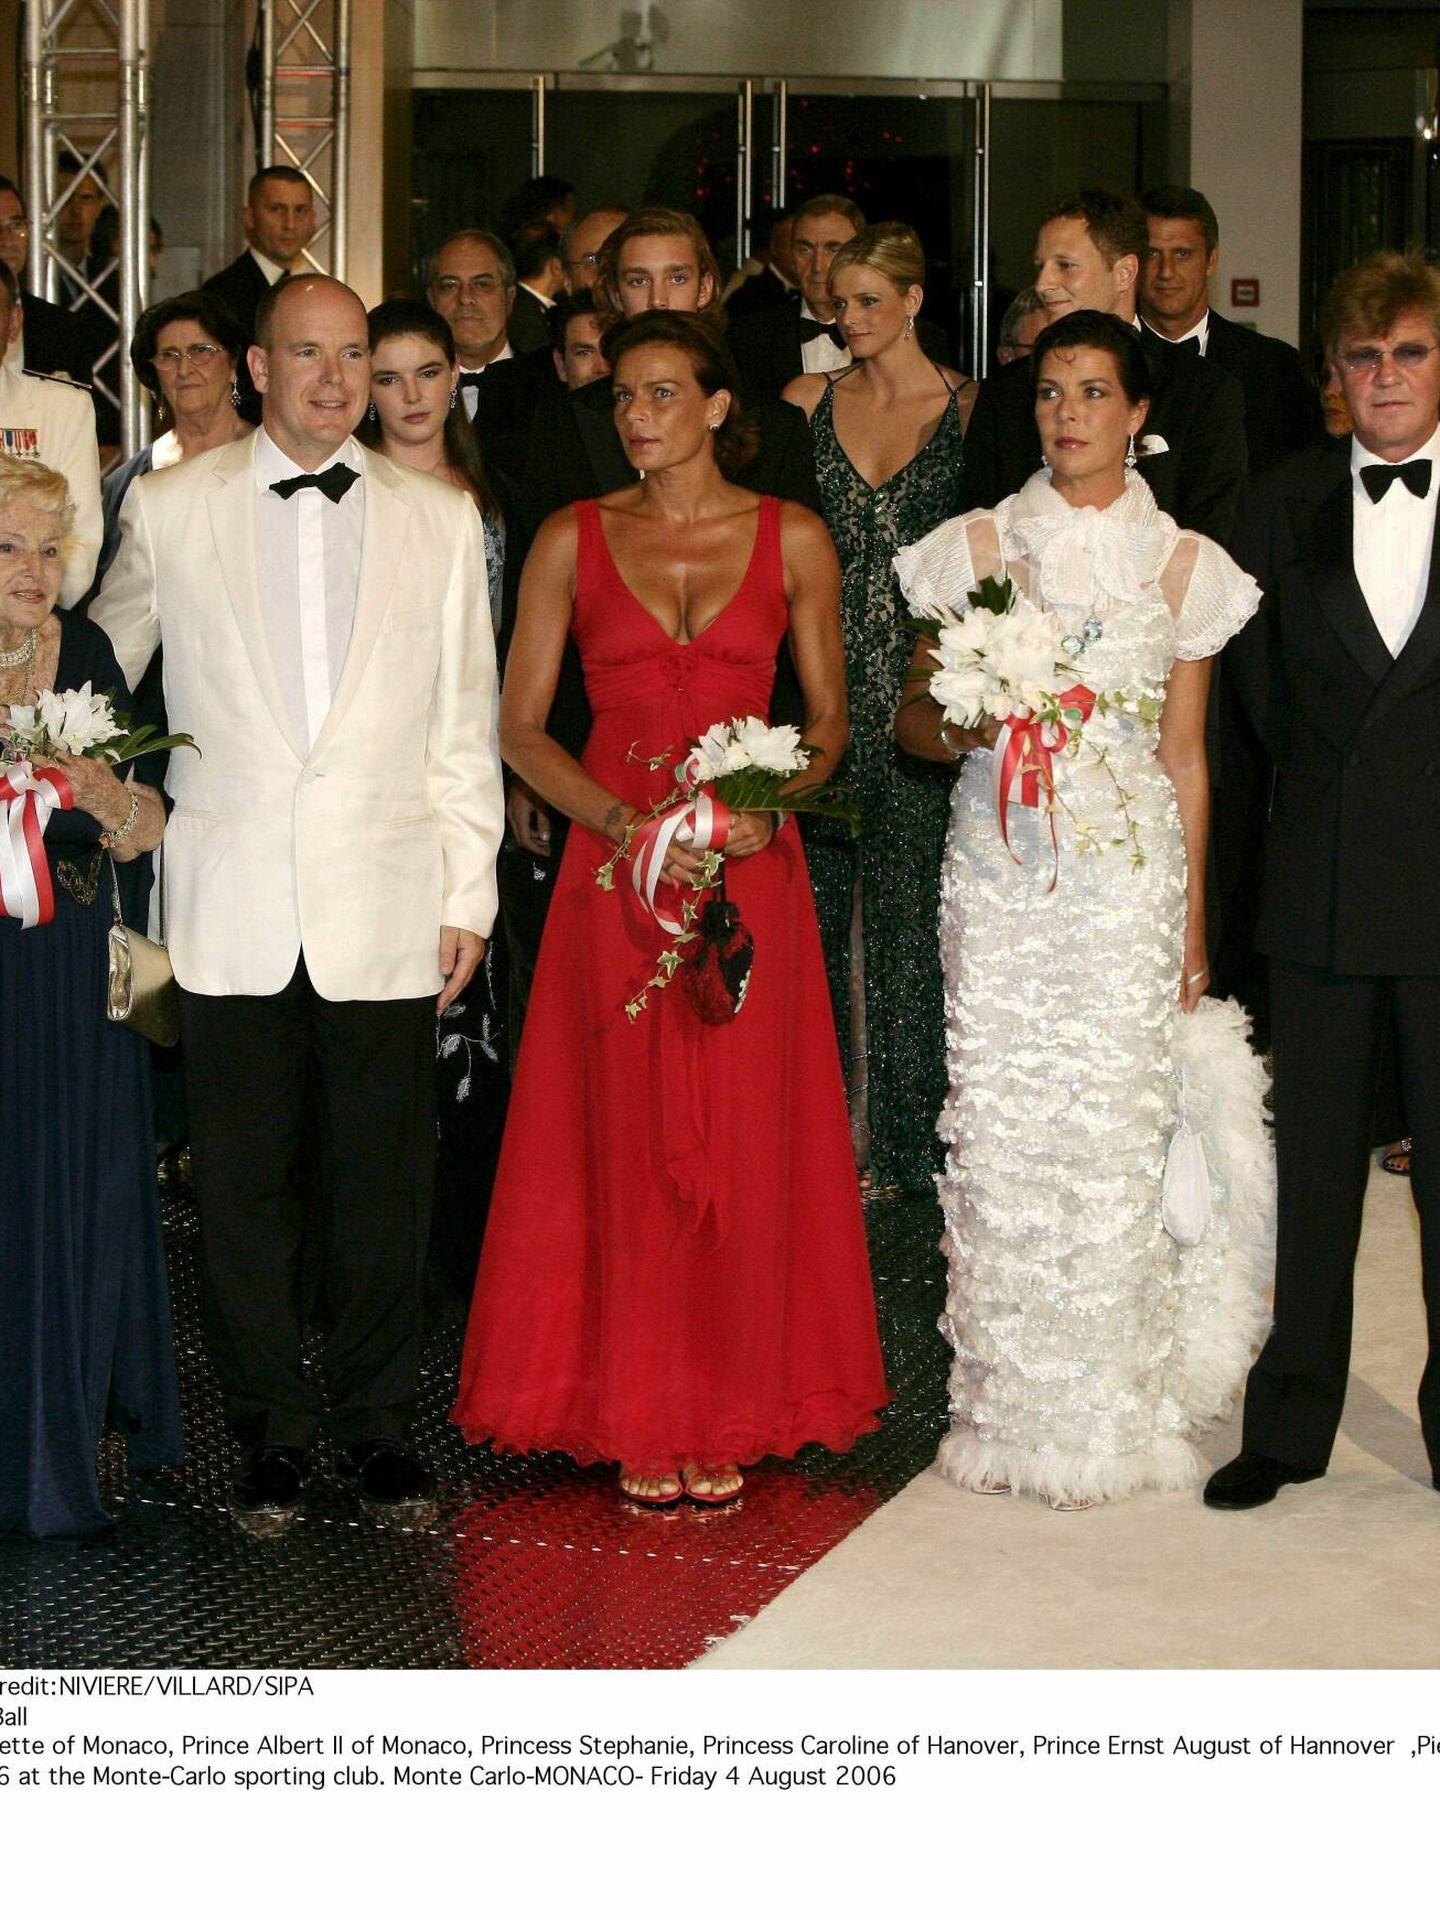 La familia real de Mónaco, en el Baile de la Rosa de 2006. (Cordon Press)